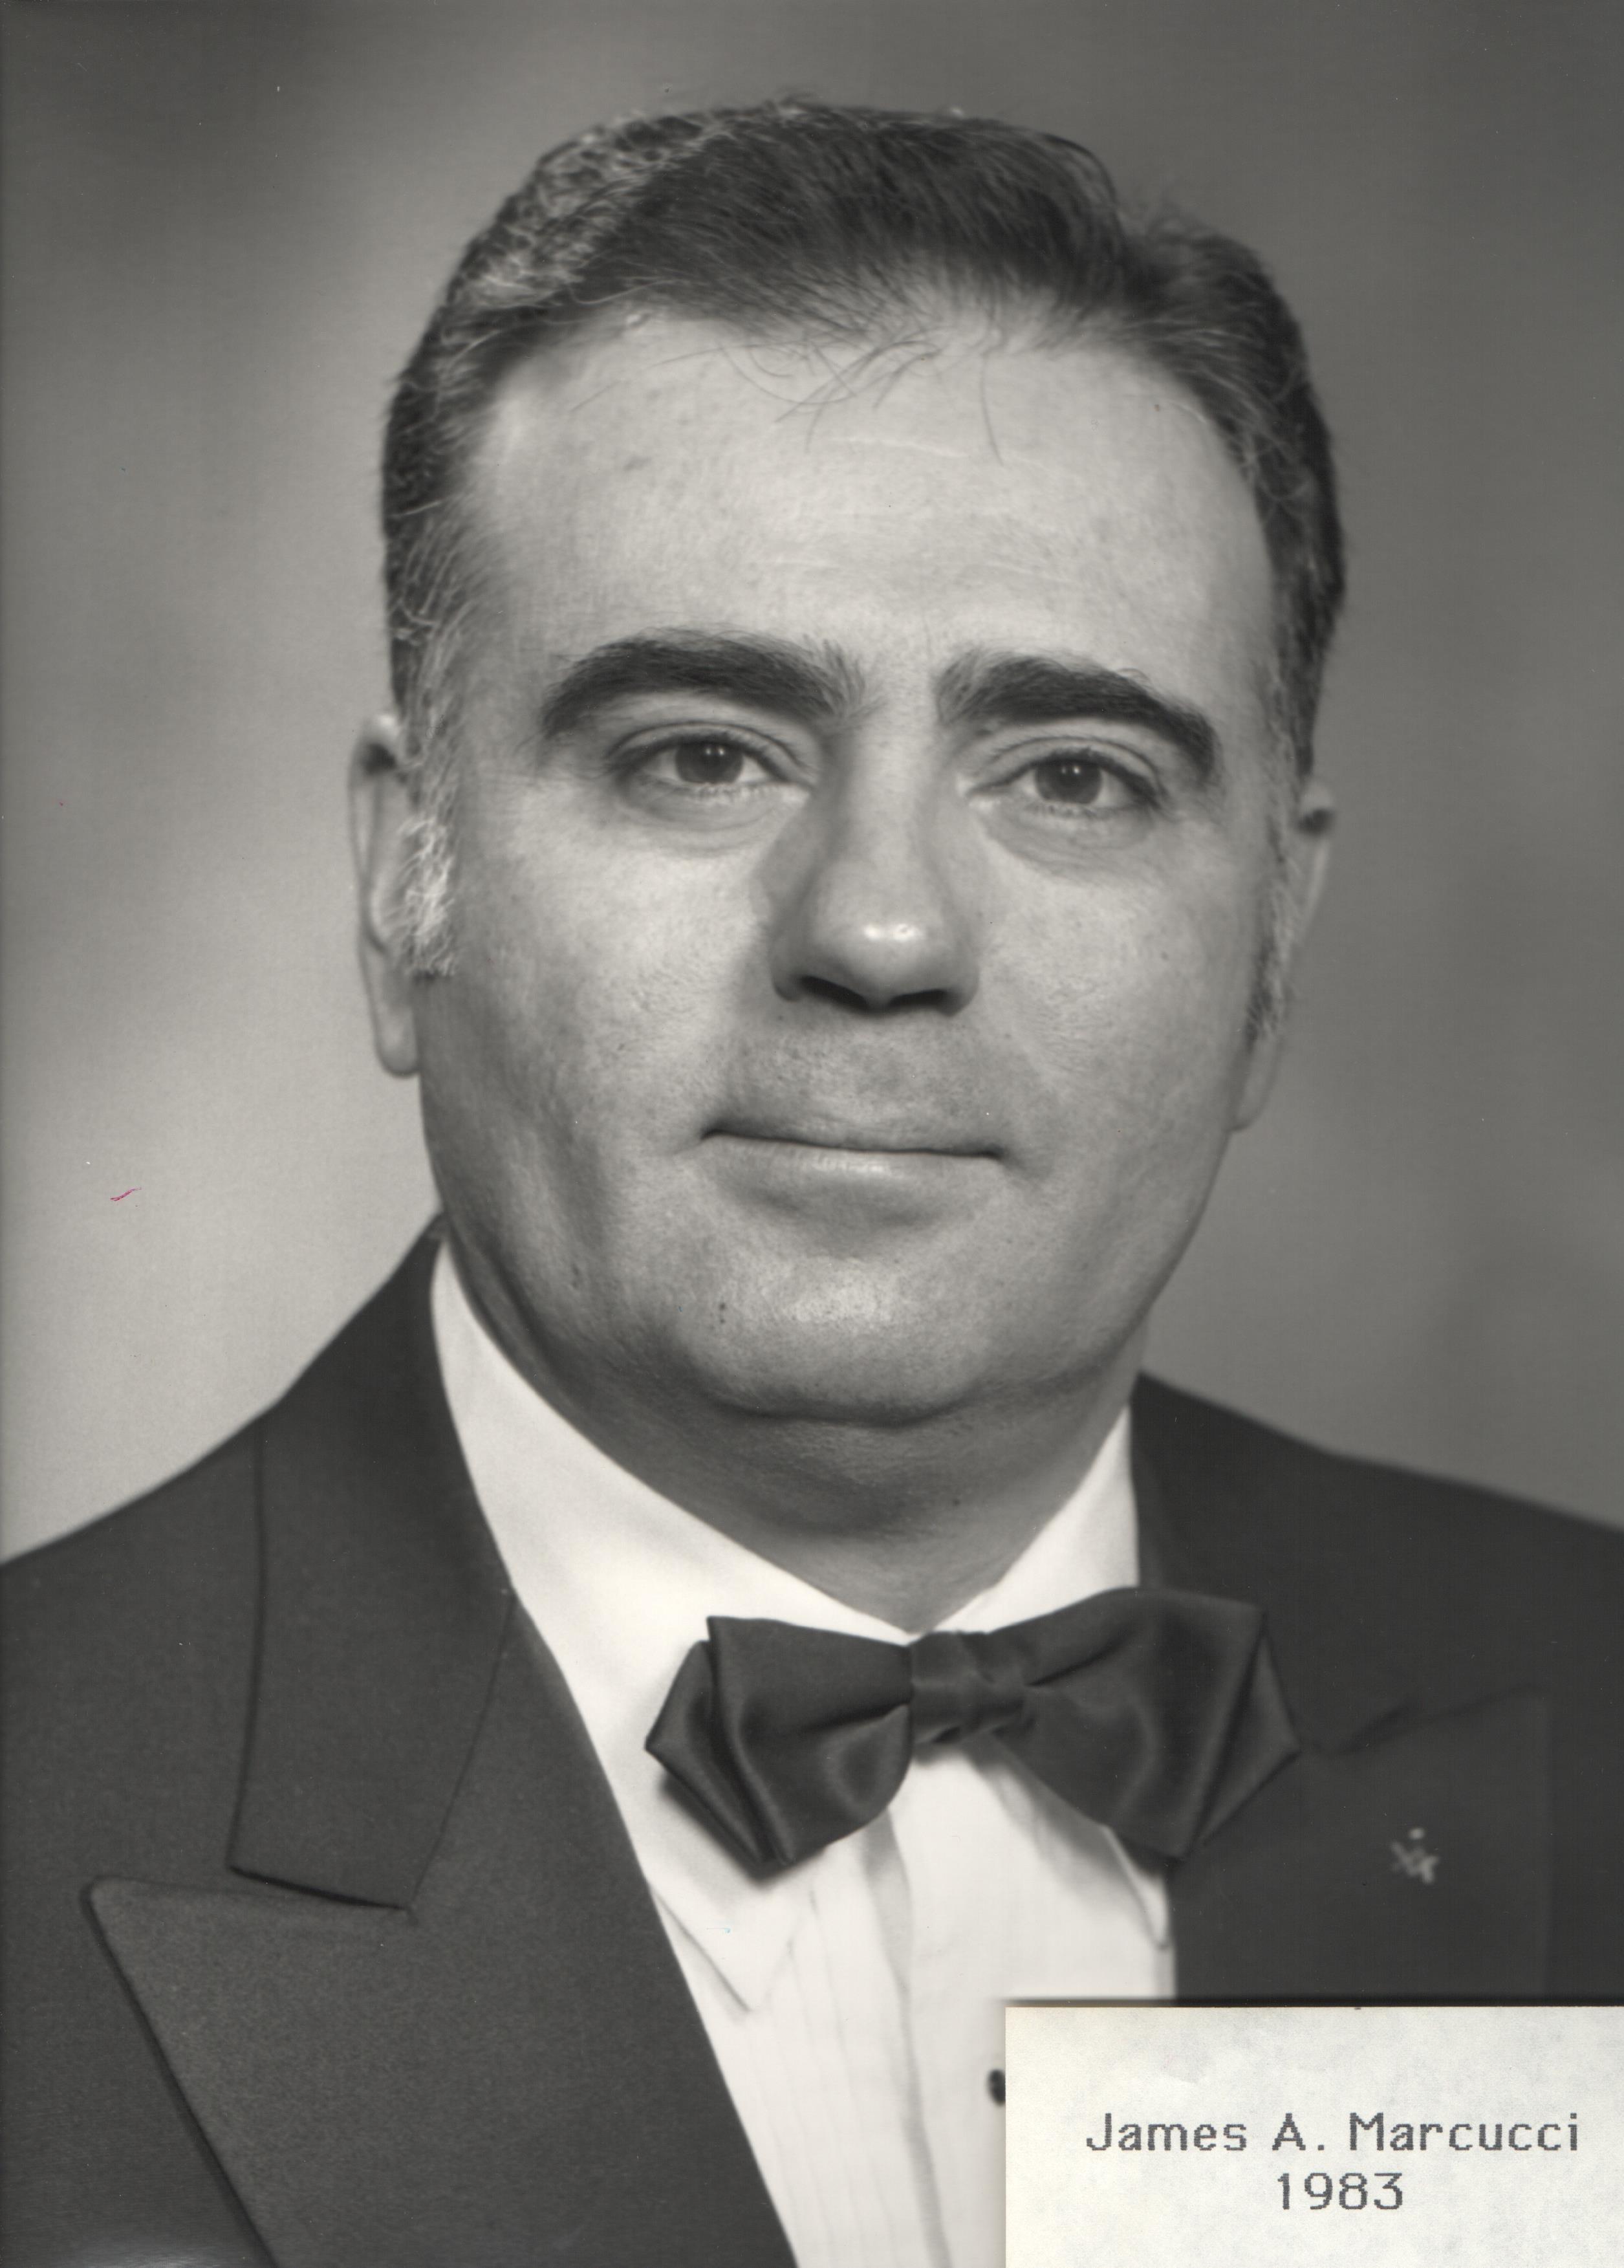 1983 James A. Marcucci